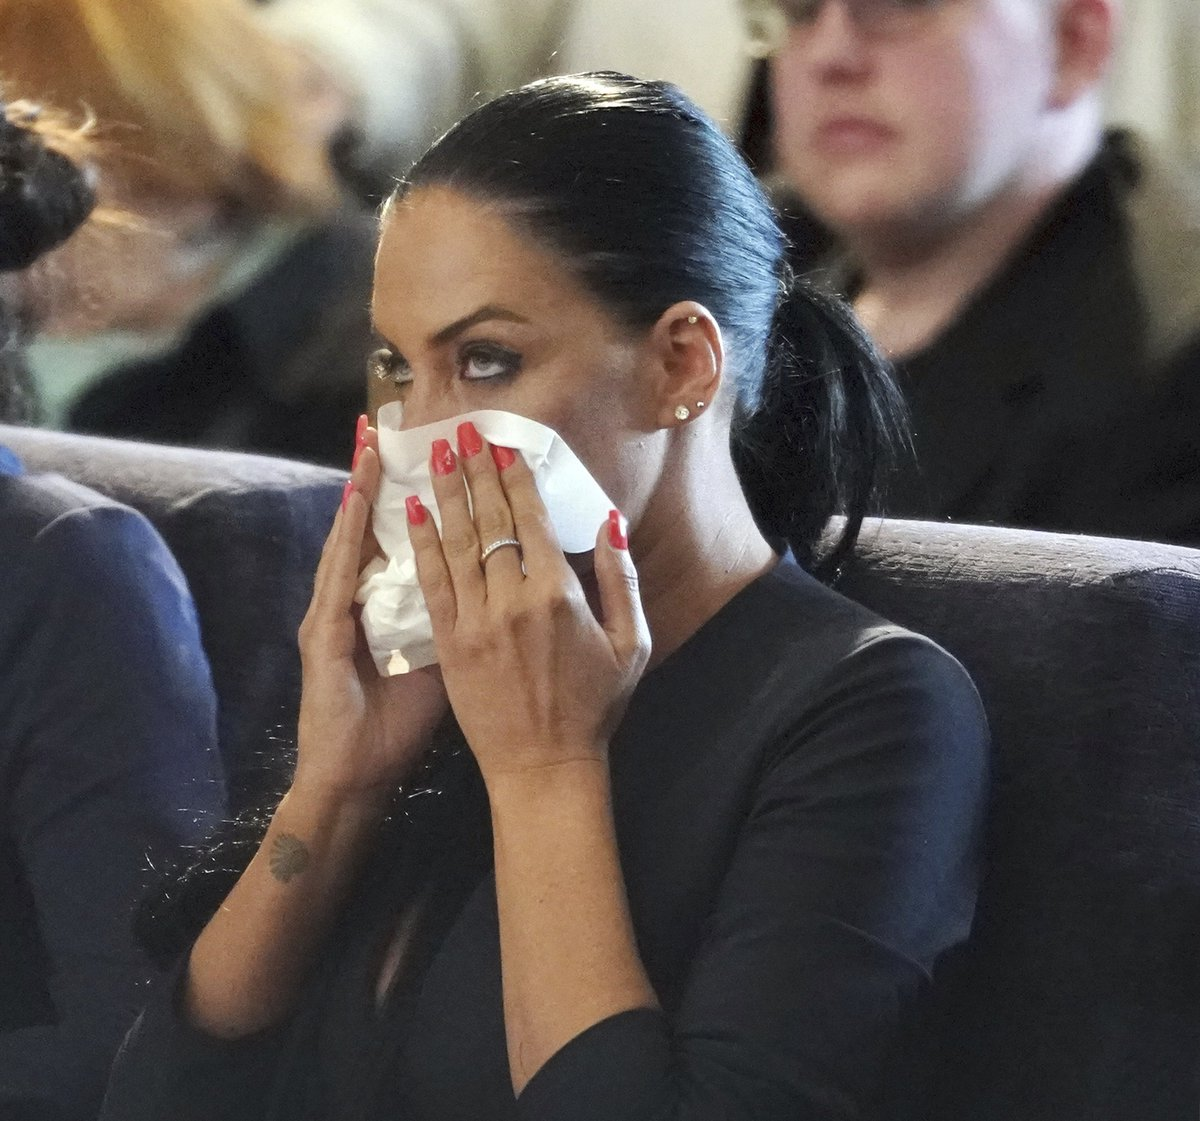 Pohřeb Jiřího Pomeje: Vdova Andrea Pomeje v slzách